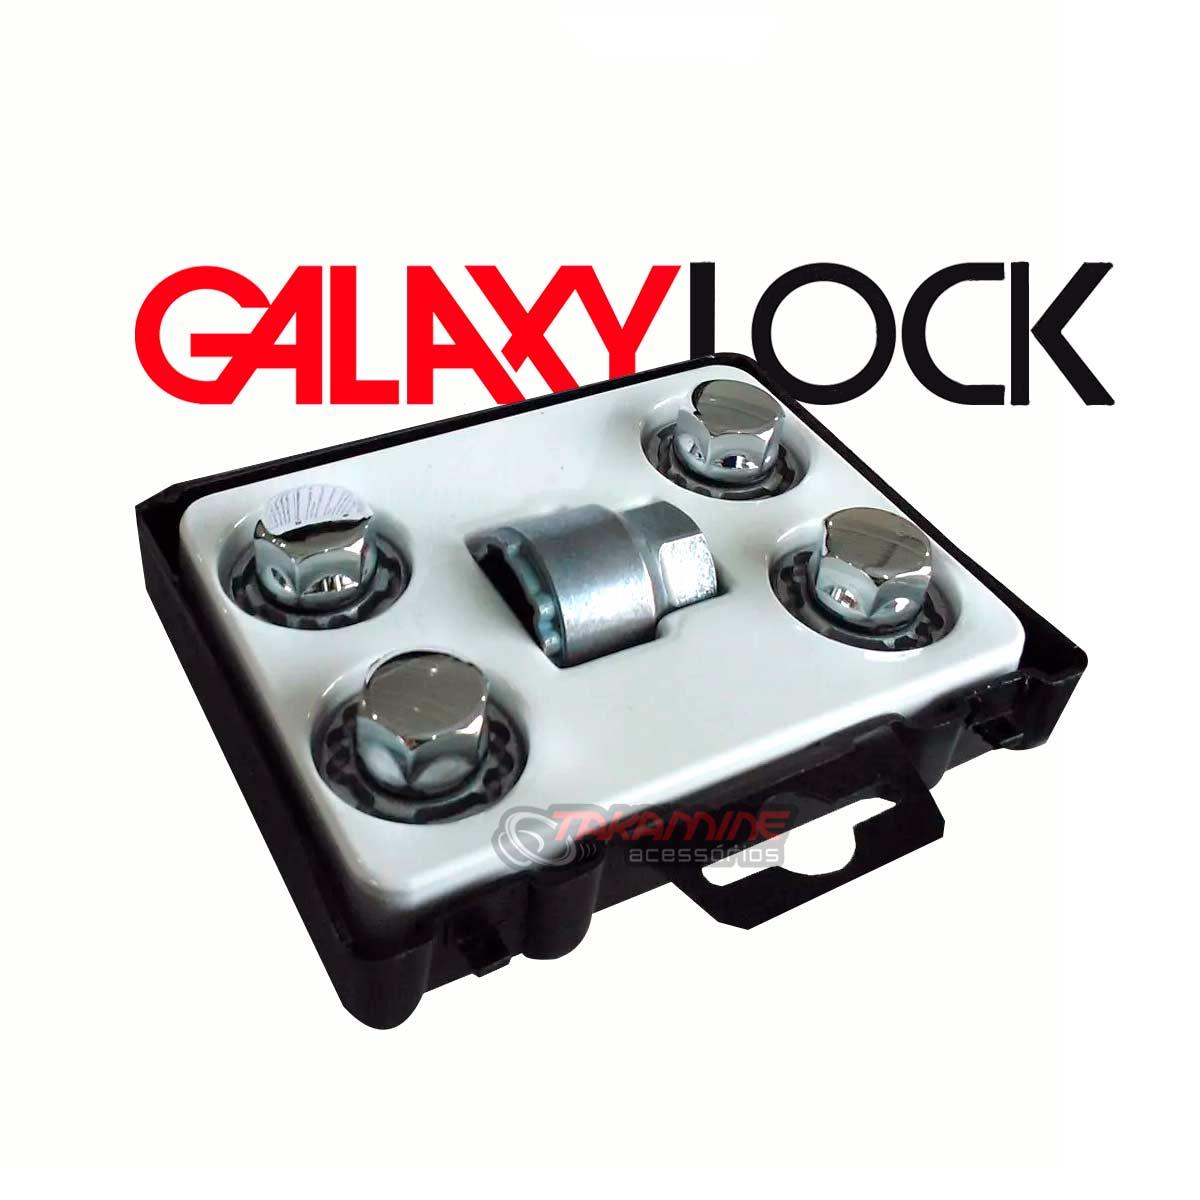 Parafuso antifurto para rodas Galaxy Lock Duster 2010 até 2020 I/M